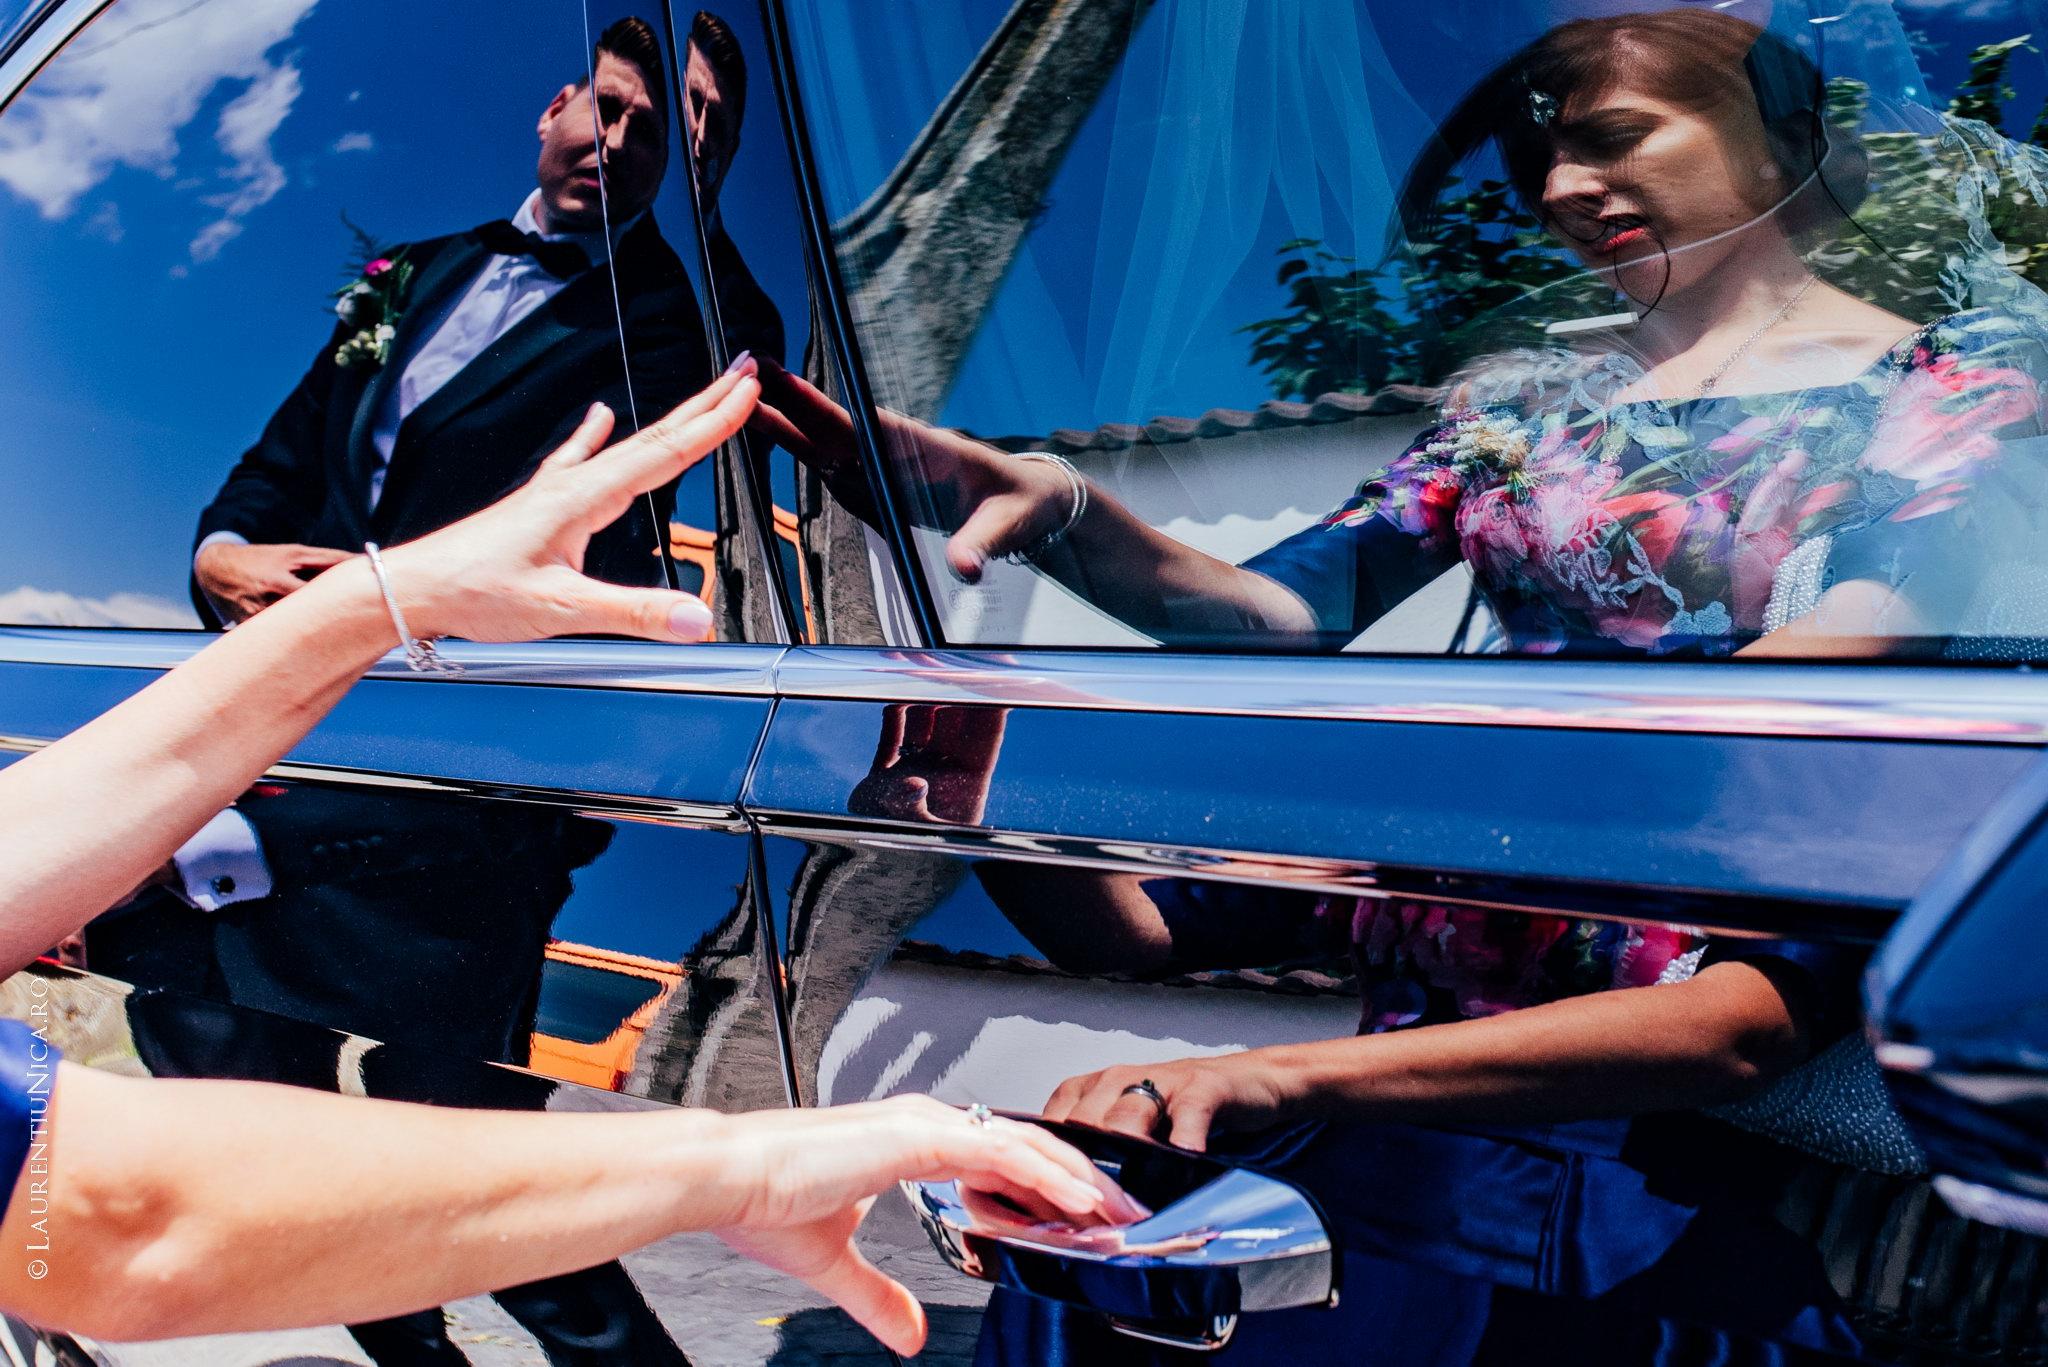 fotografii nunta denisa si florin craiova 24 - Denisa & Florin | Fotografii nunta | Craiova